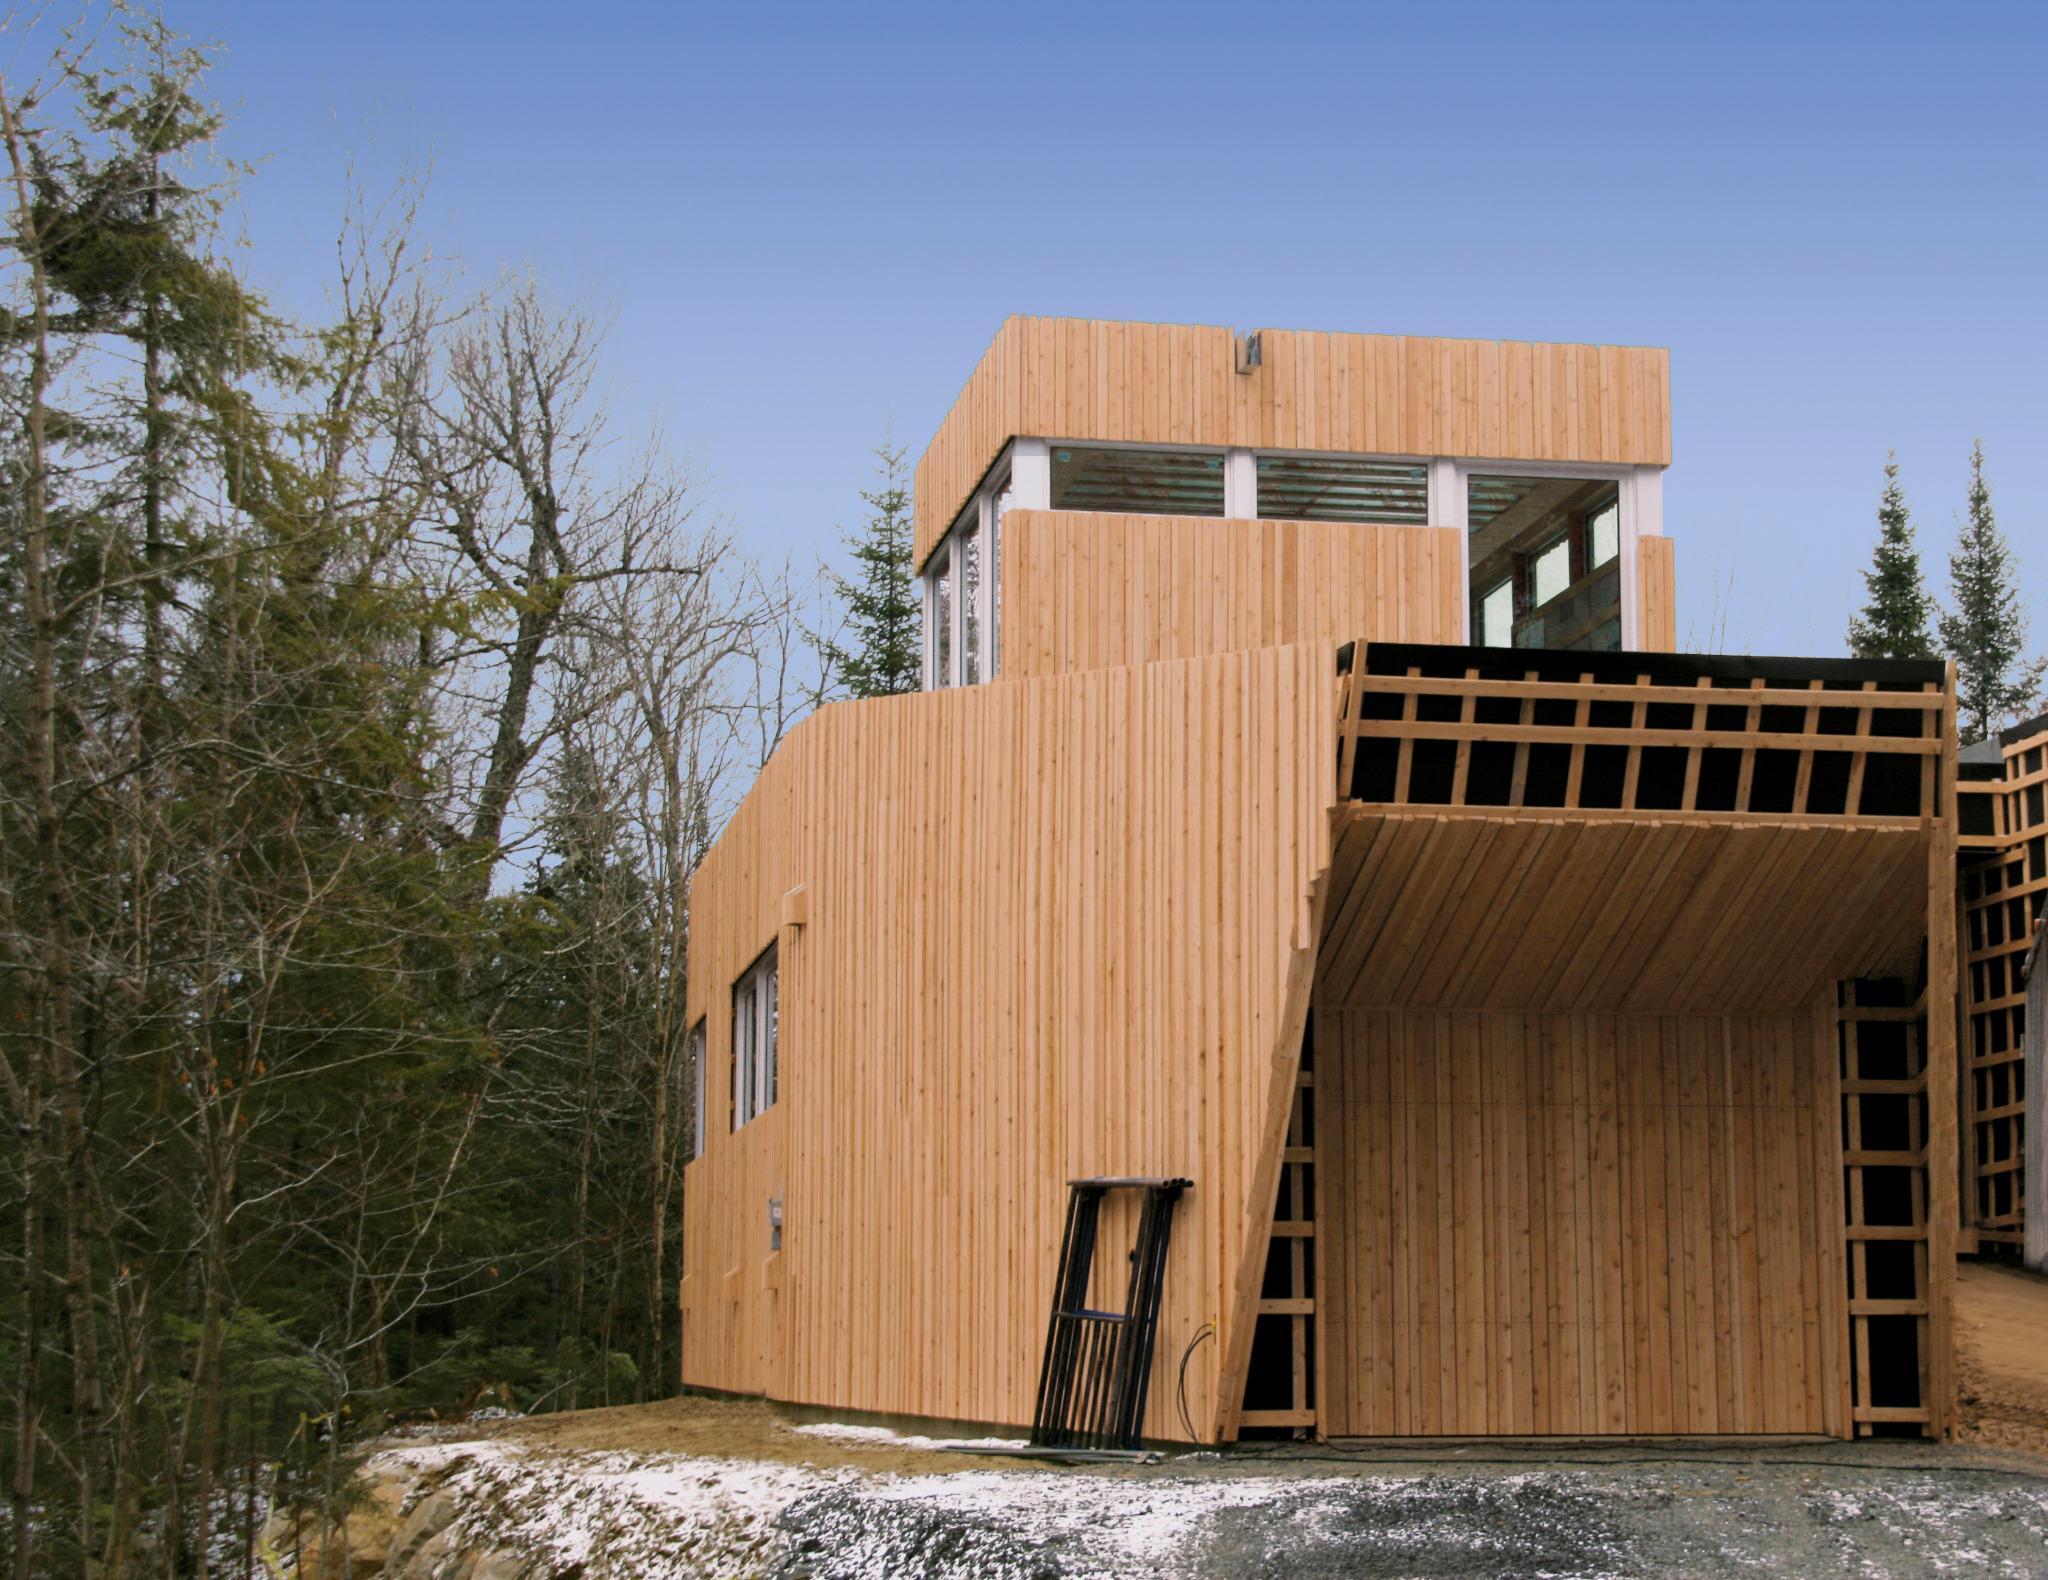 Maison du lac grenier d rken systems inc delta for Agrandissement maison grenier